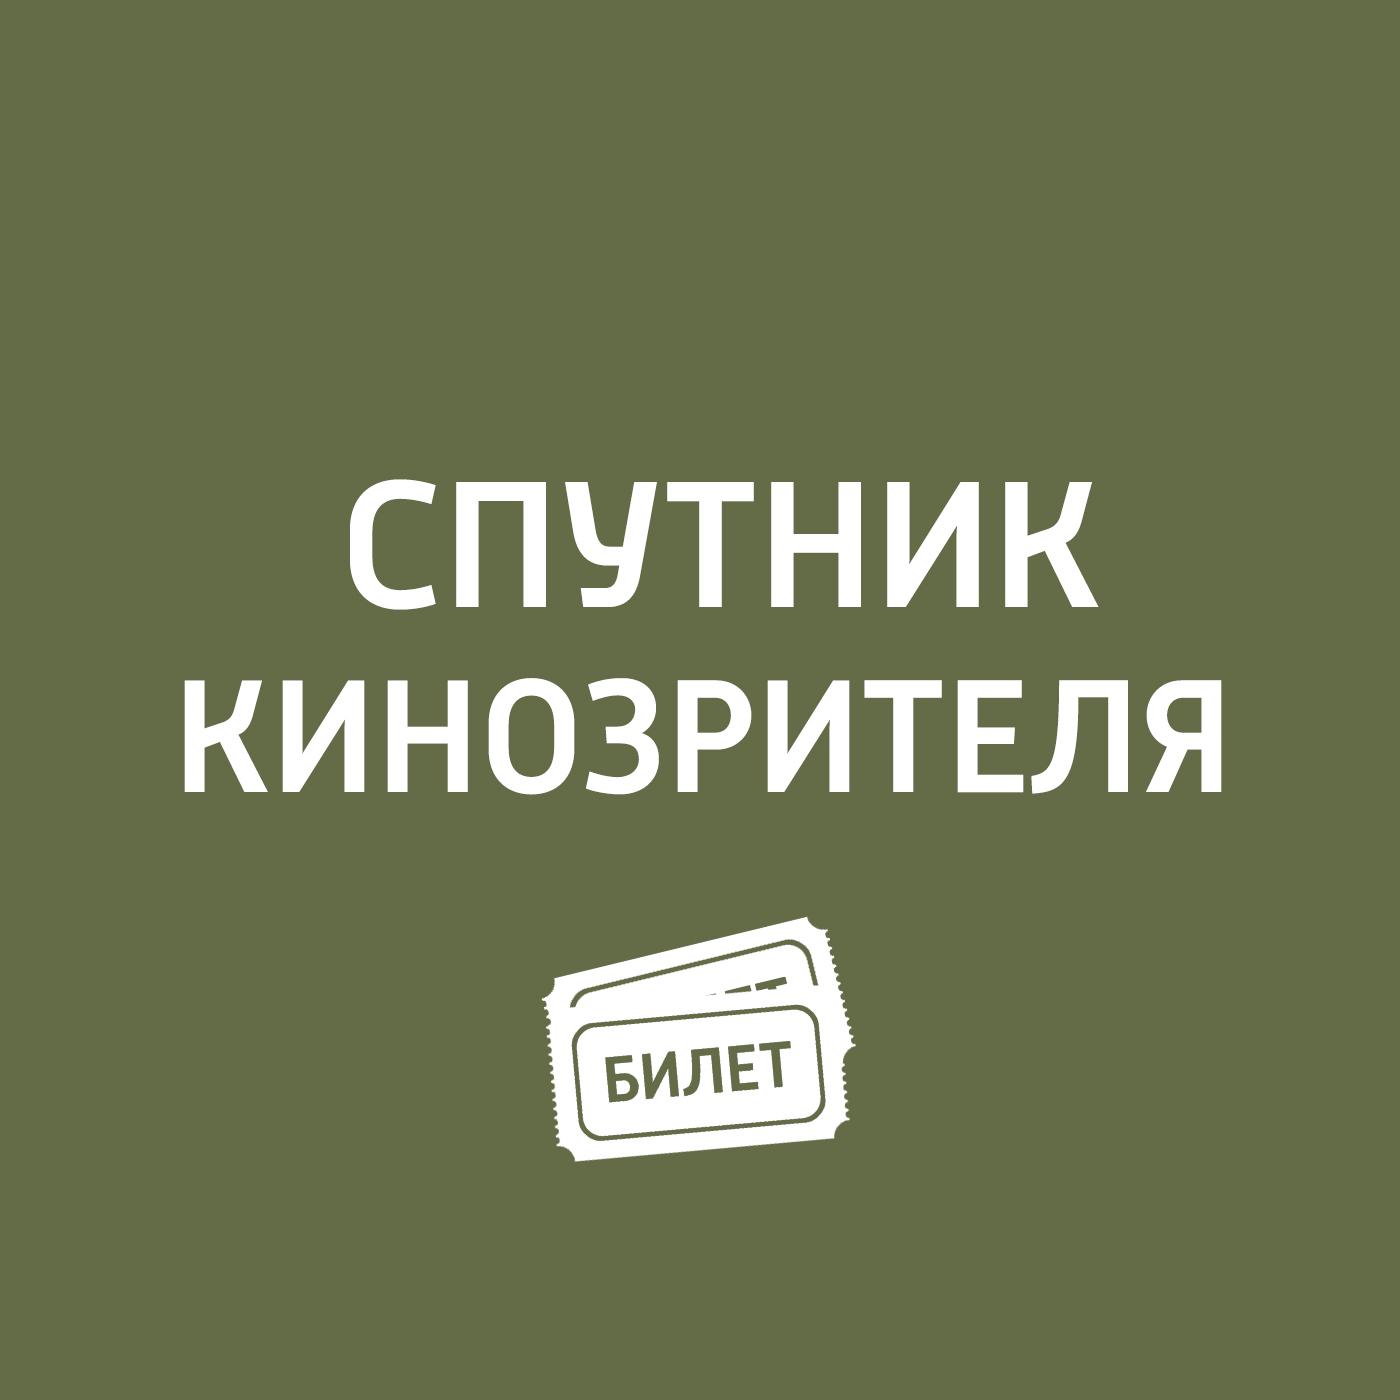 Антон Долин Под электрическими облаками, «Новые русские, «Наруто: Последний фильм, «Шпион